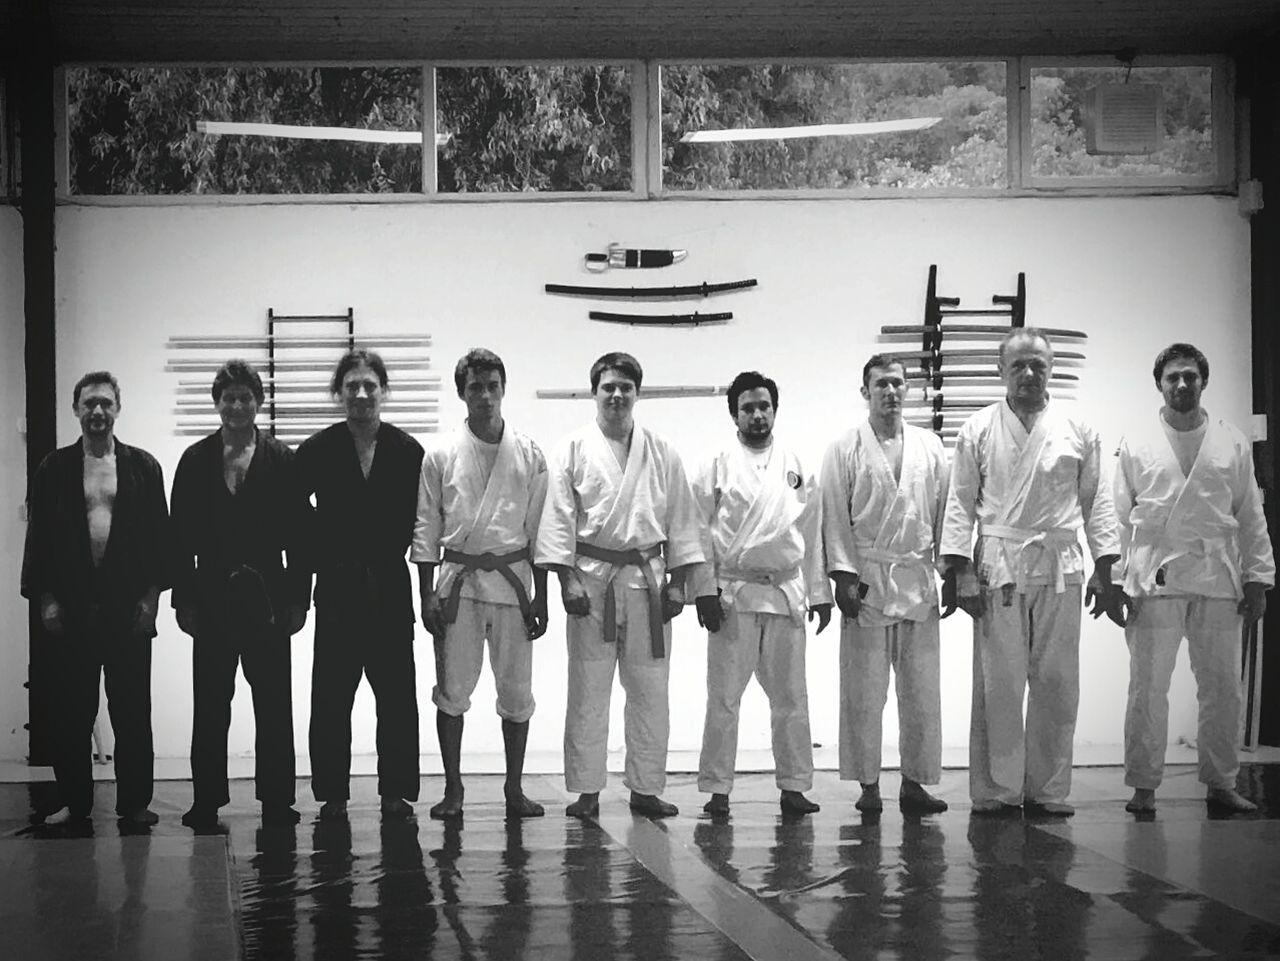 Jiujitsulifestyle Jiu Jitsu Jiu Jitsu Training JiuJitsu Jiu-jitsu